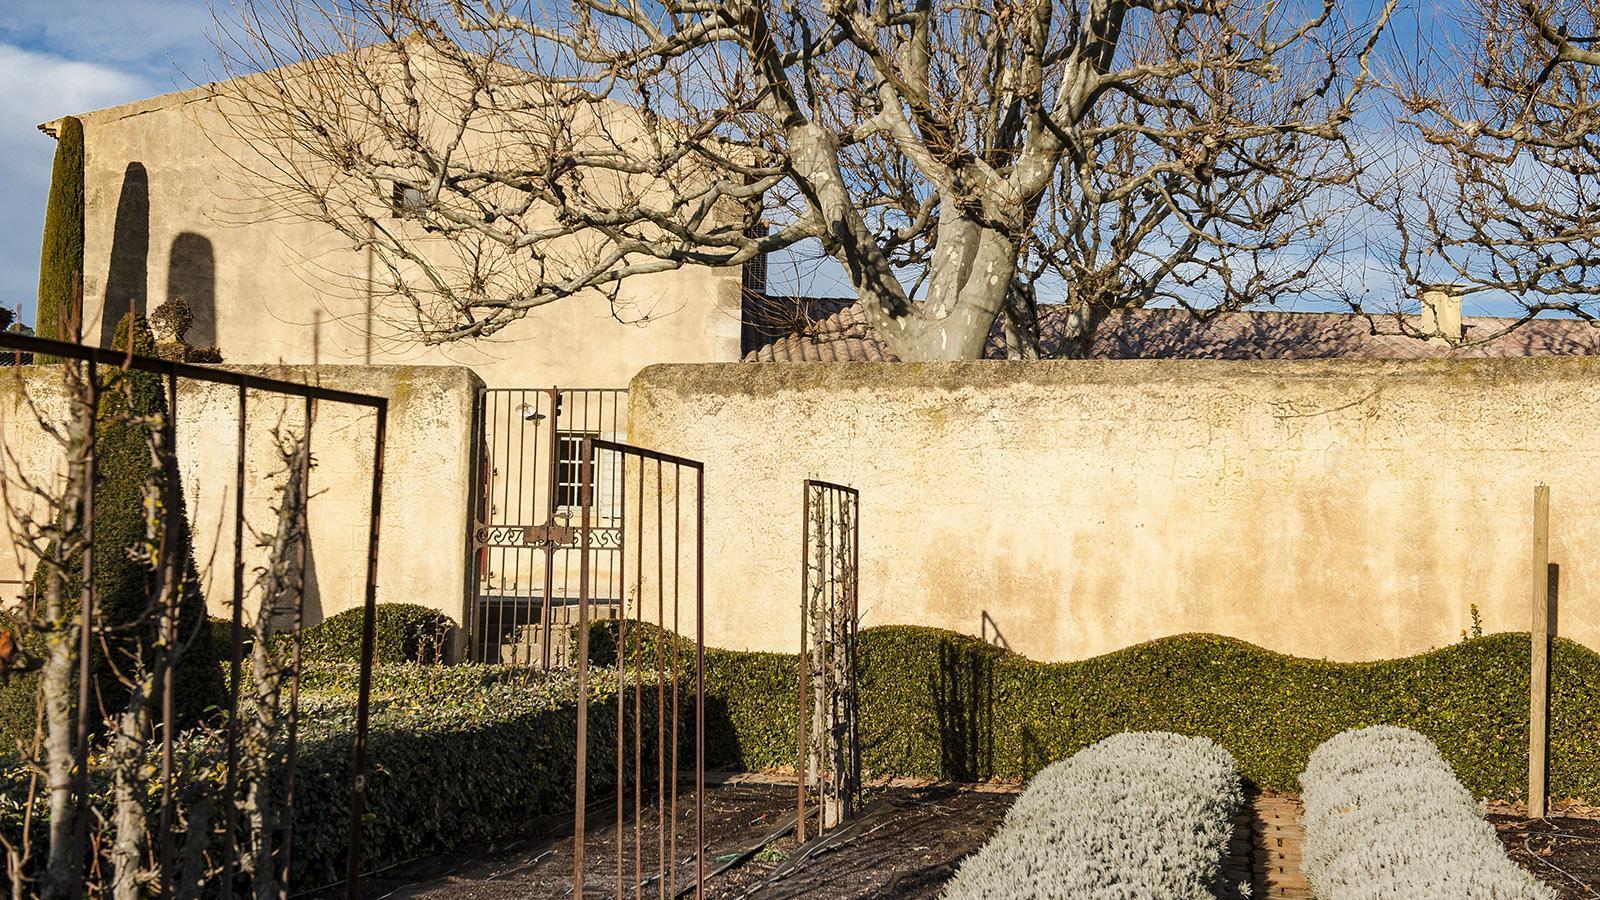 Der Garten des Weinguts Val Joanis im Winter. Foto: Hilke Maunder